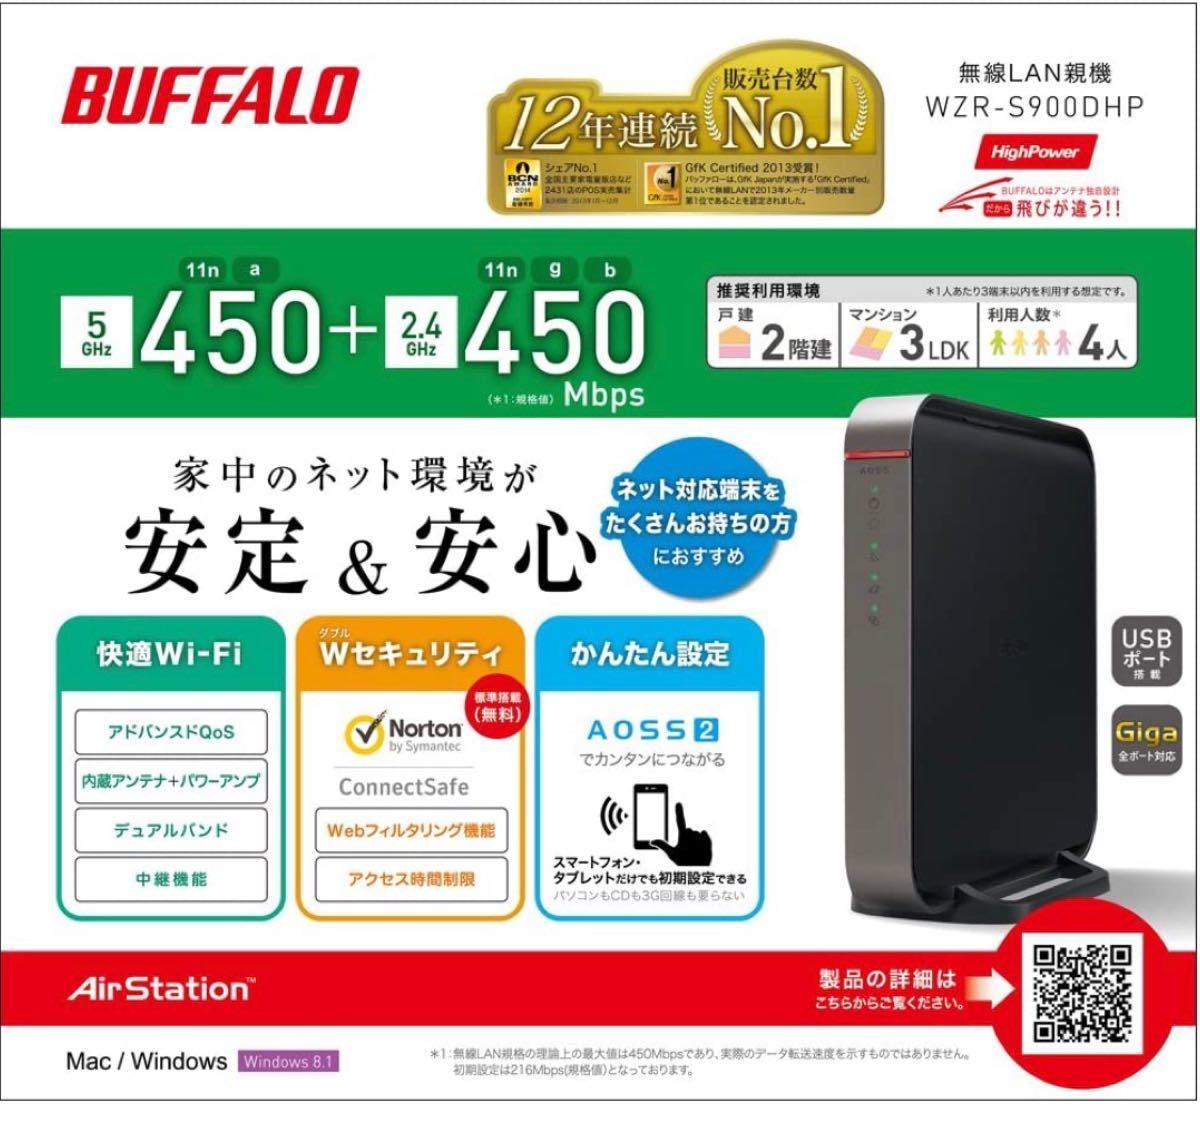 【半額にしました】BUFFALO 無線LAN親機 ルーター